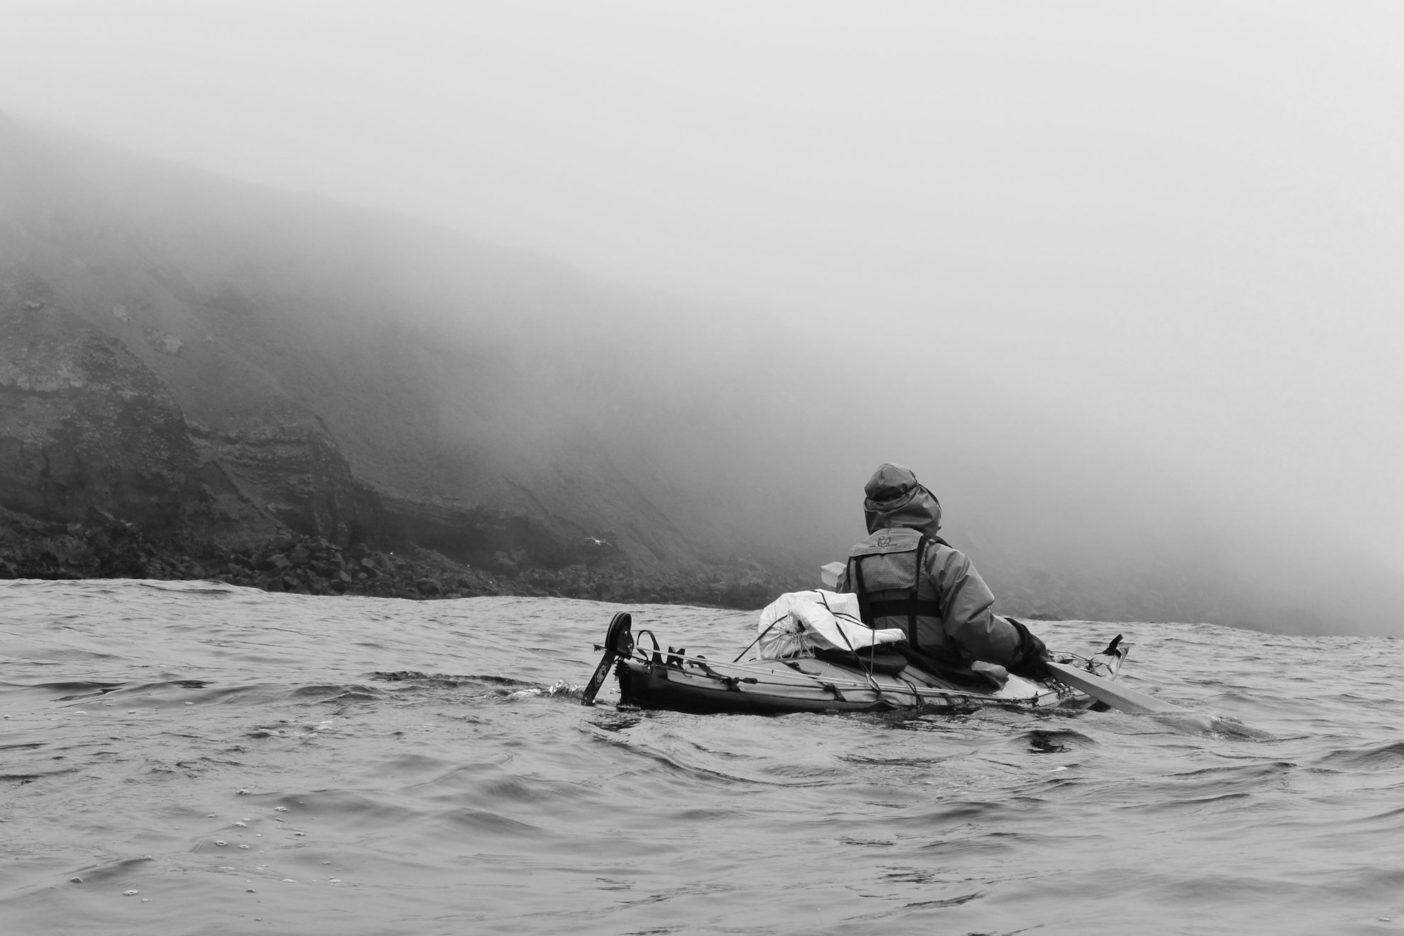 悪天候に苦しめられた2018のアリューシャン遠征。ウナラスカ島沿岸を漕ぐ新谷暁生  写真・岩本和晃